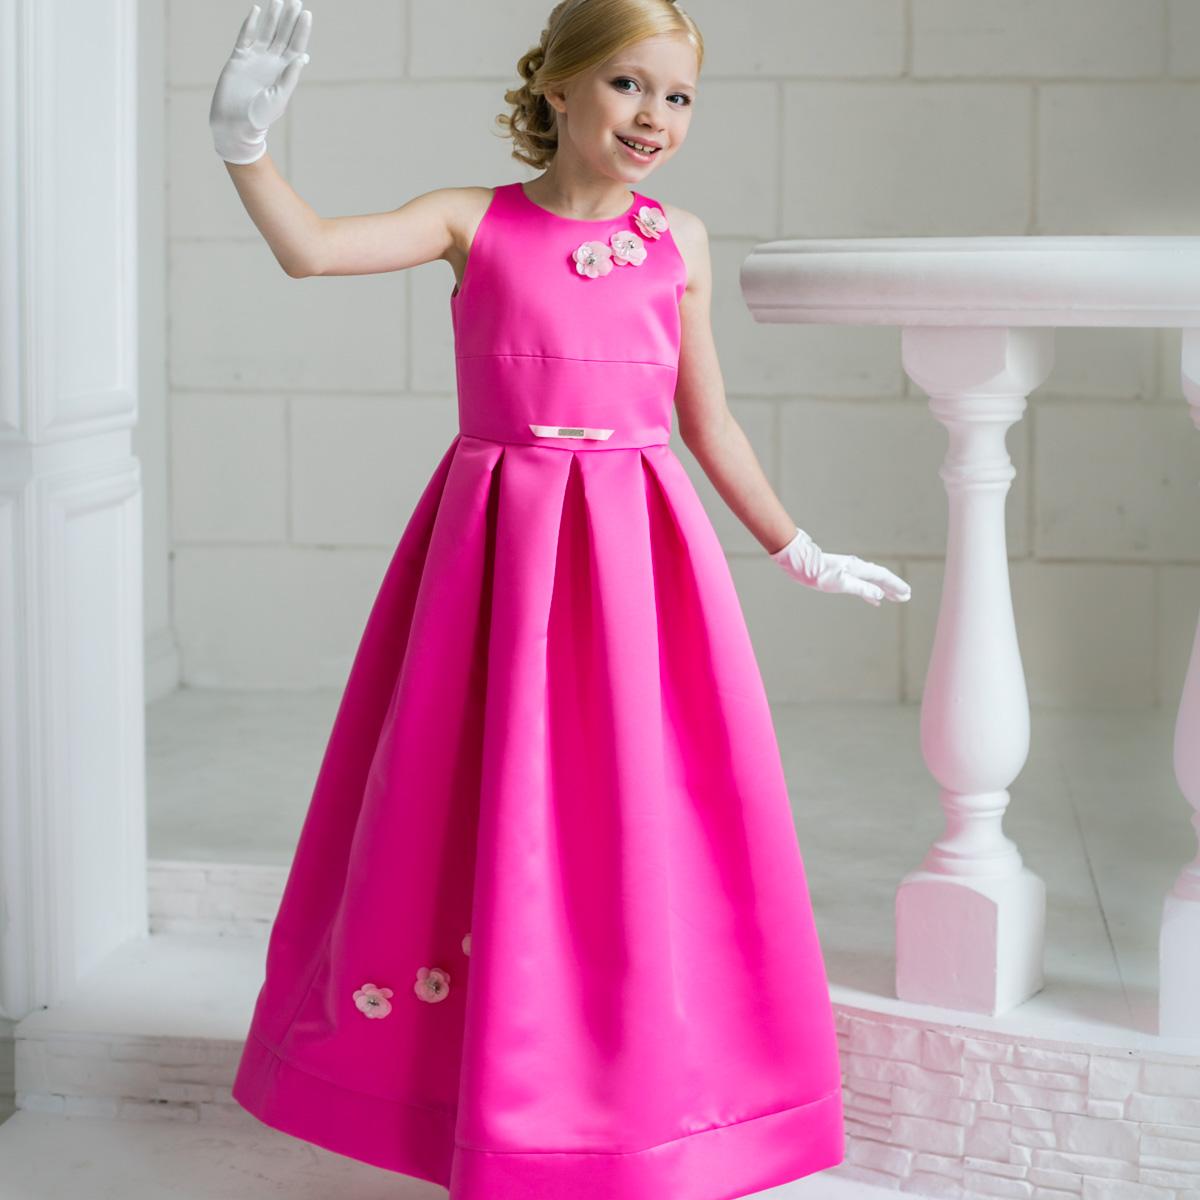 47af9740839094 Нарядное платье Barbie™ 7132 — Нарядные платья для девочек интернет ...